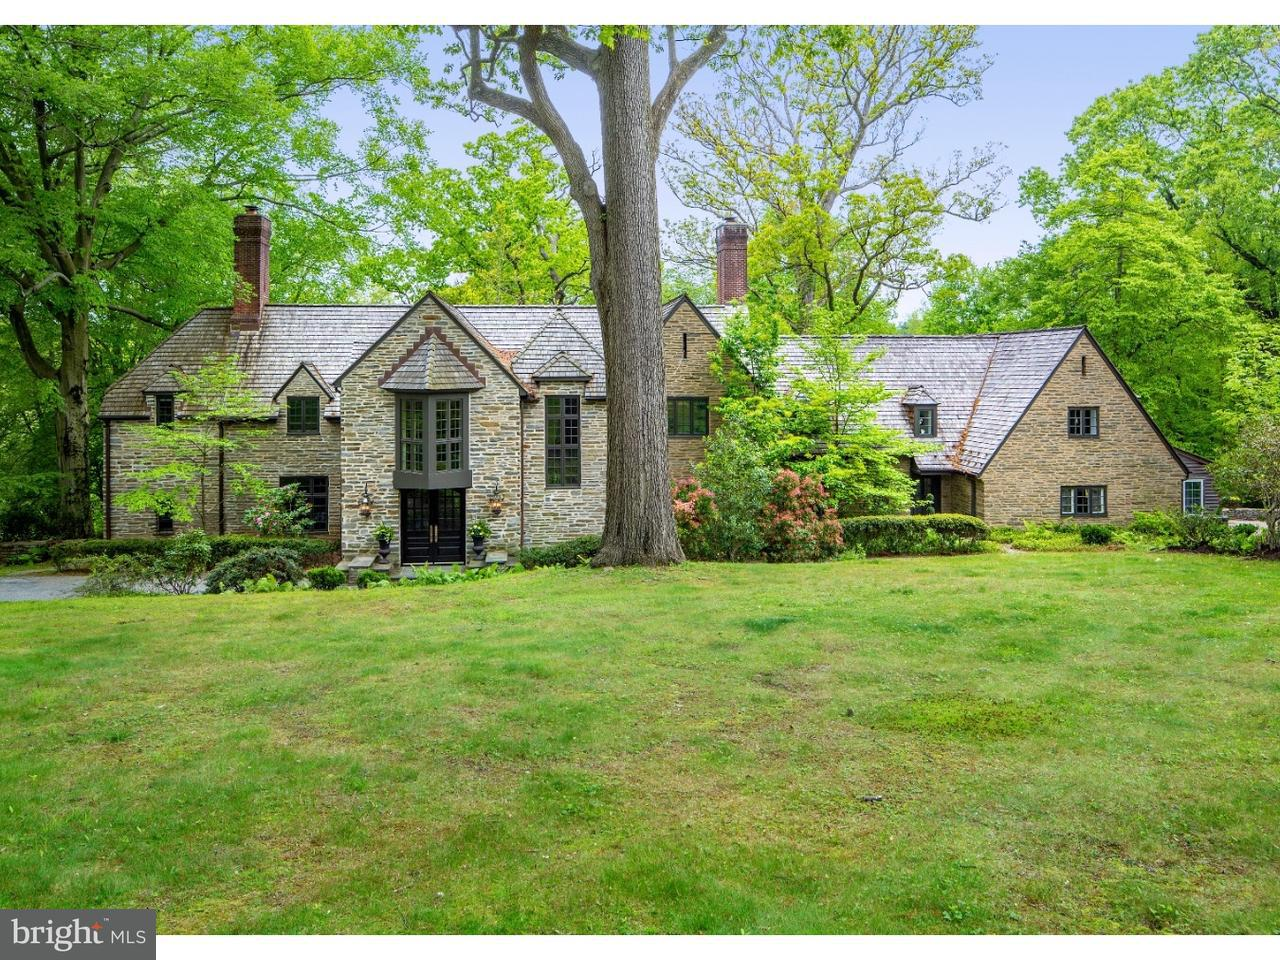 Частный односемейный дом для того Продажа на 50 RIGHTERS MILL Road Penn Valley, Пенсильвания 19072 Соединенные Штаты